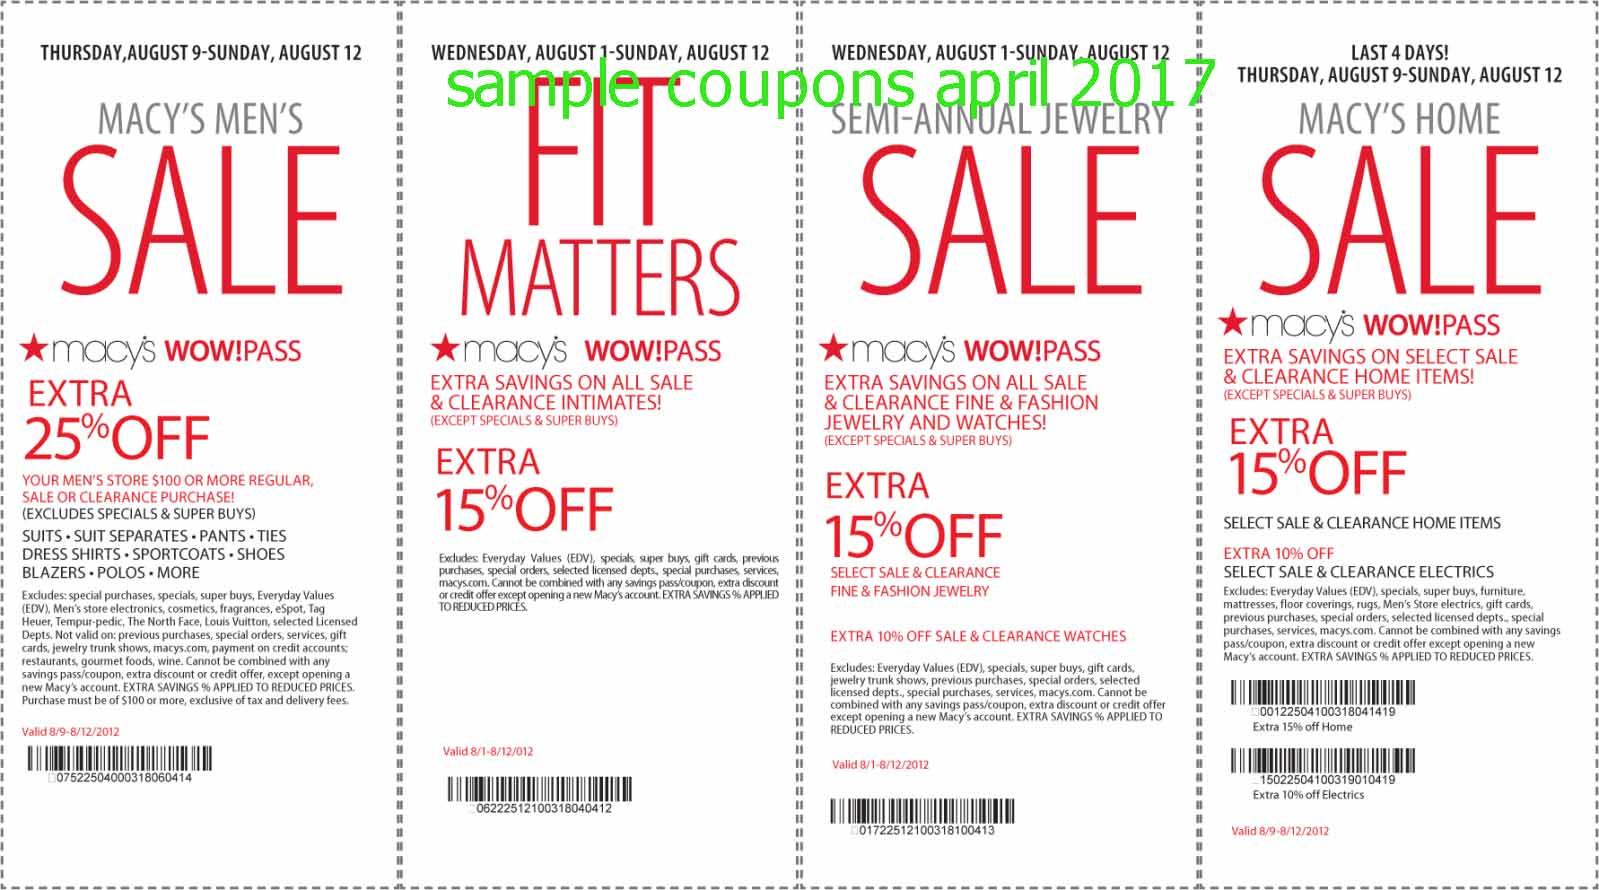 Macys printable coupons for perfume